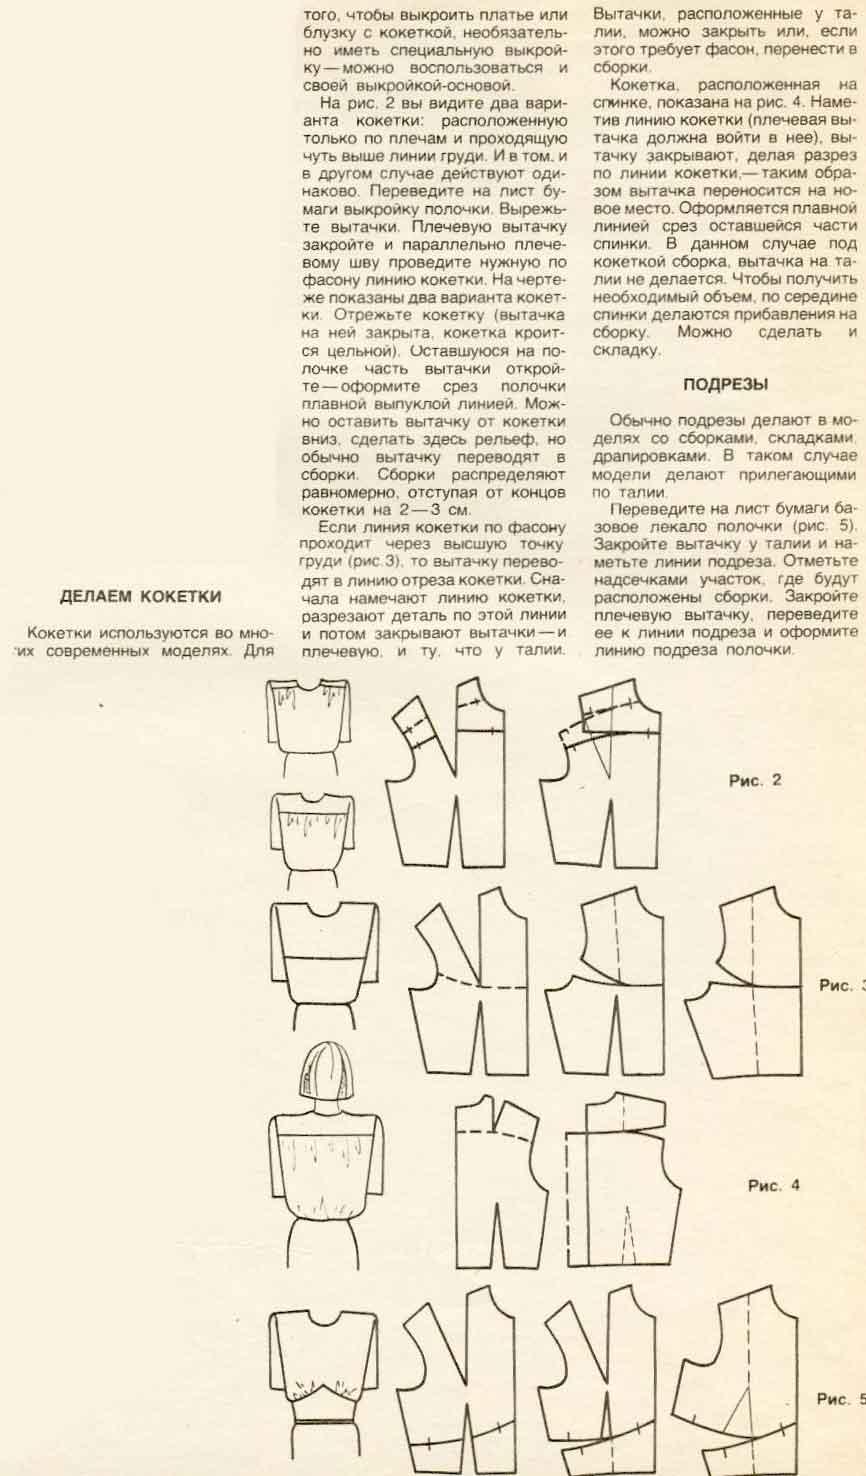 Шьем сами - секреты шитья от А. Корфиати 89